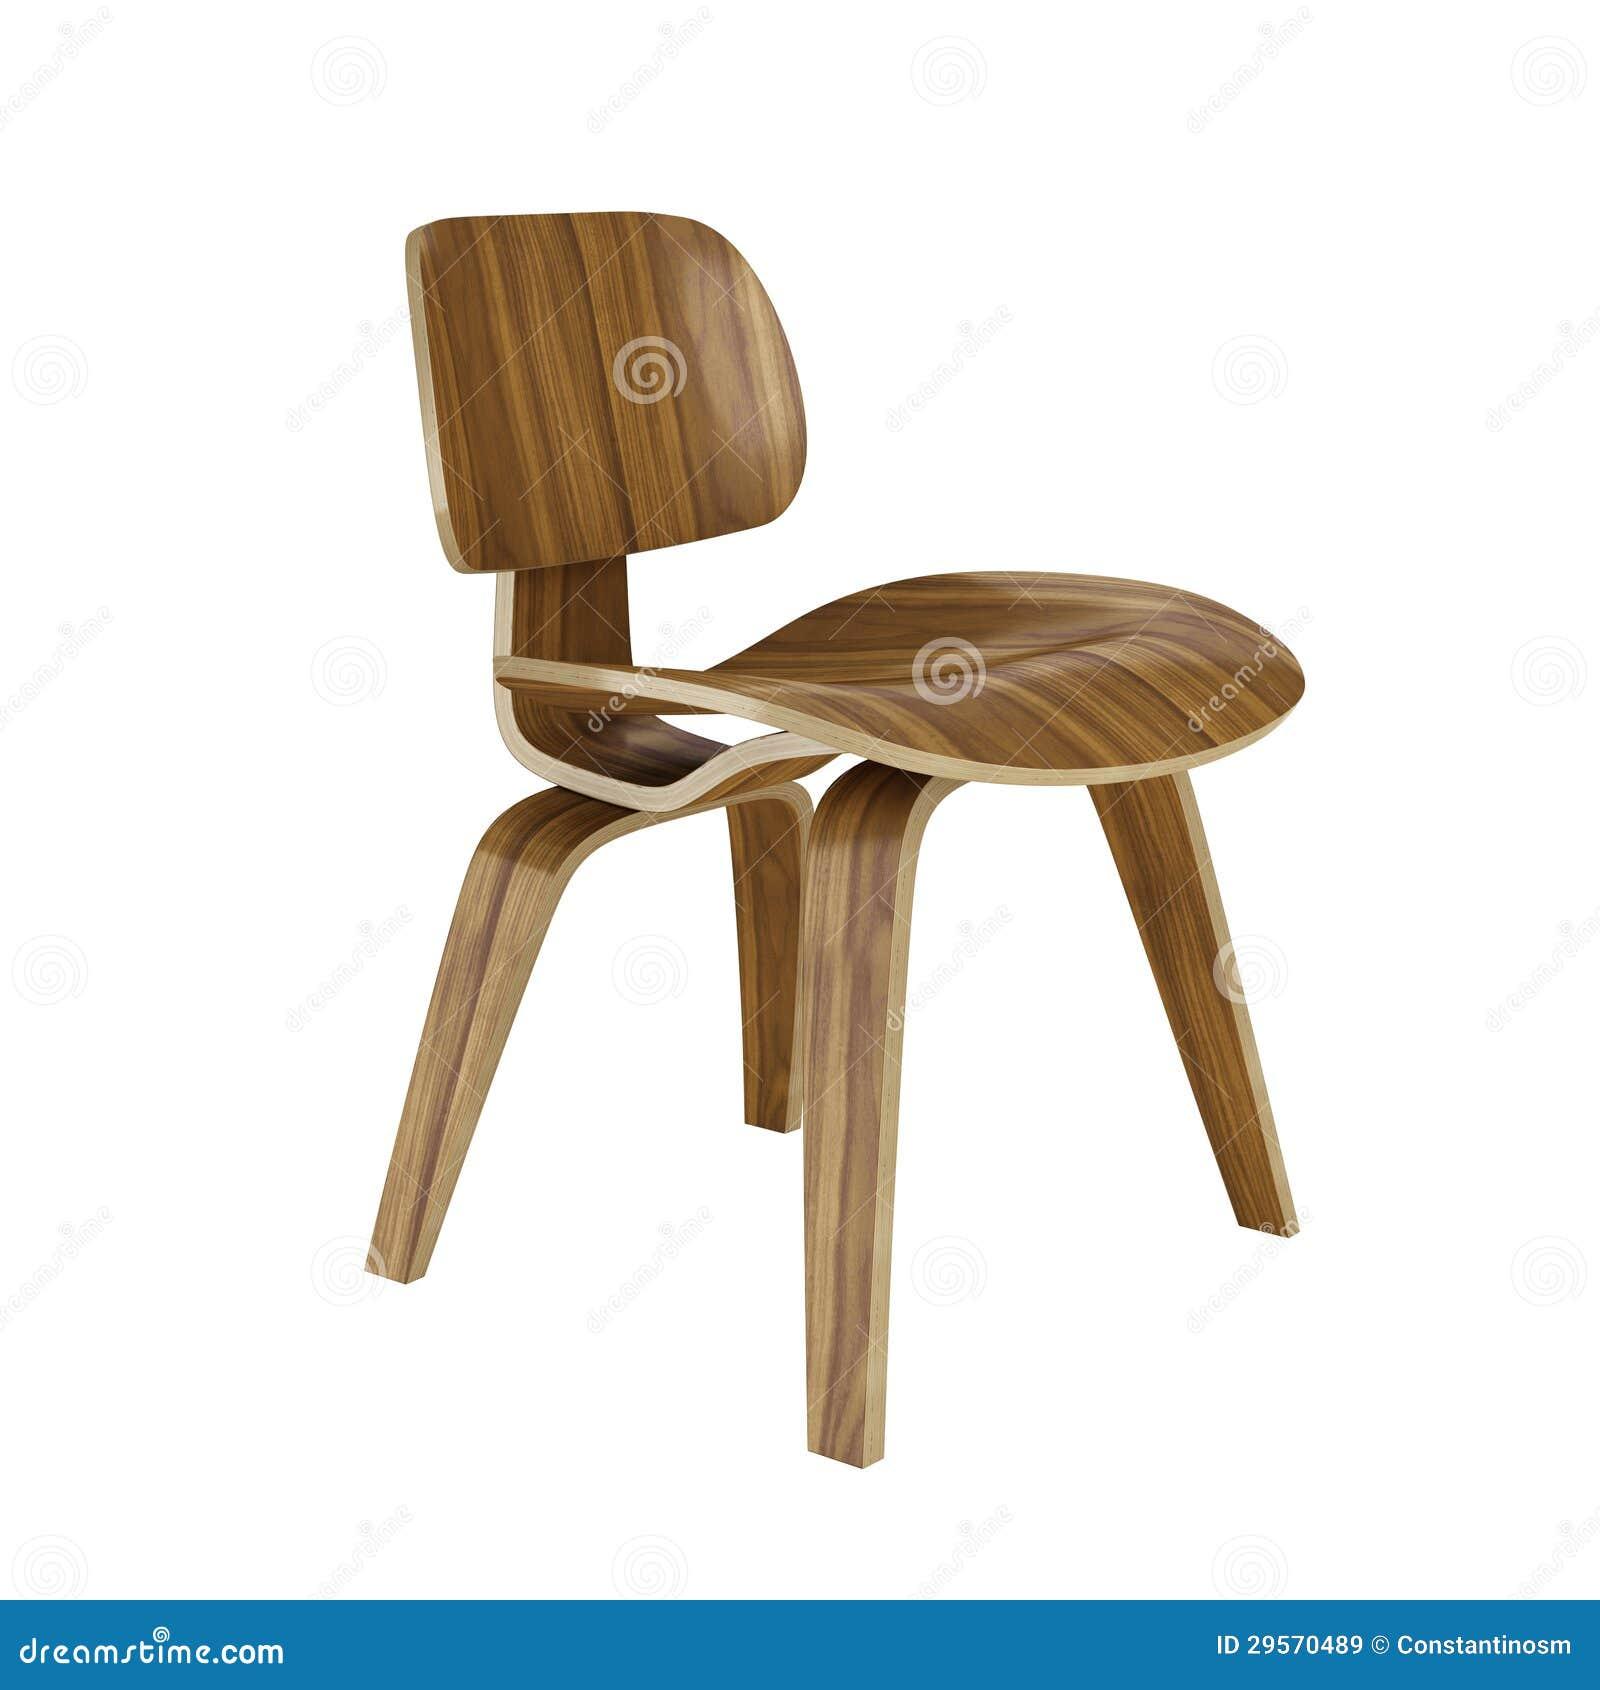 Het dineren van eames dcw stoel royalty vrije stock afbeeldingen afbeelding 29570489 - Eames eames stoel ...